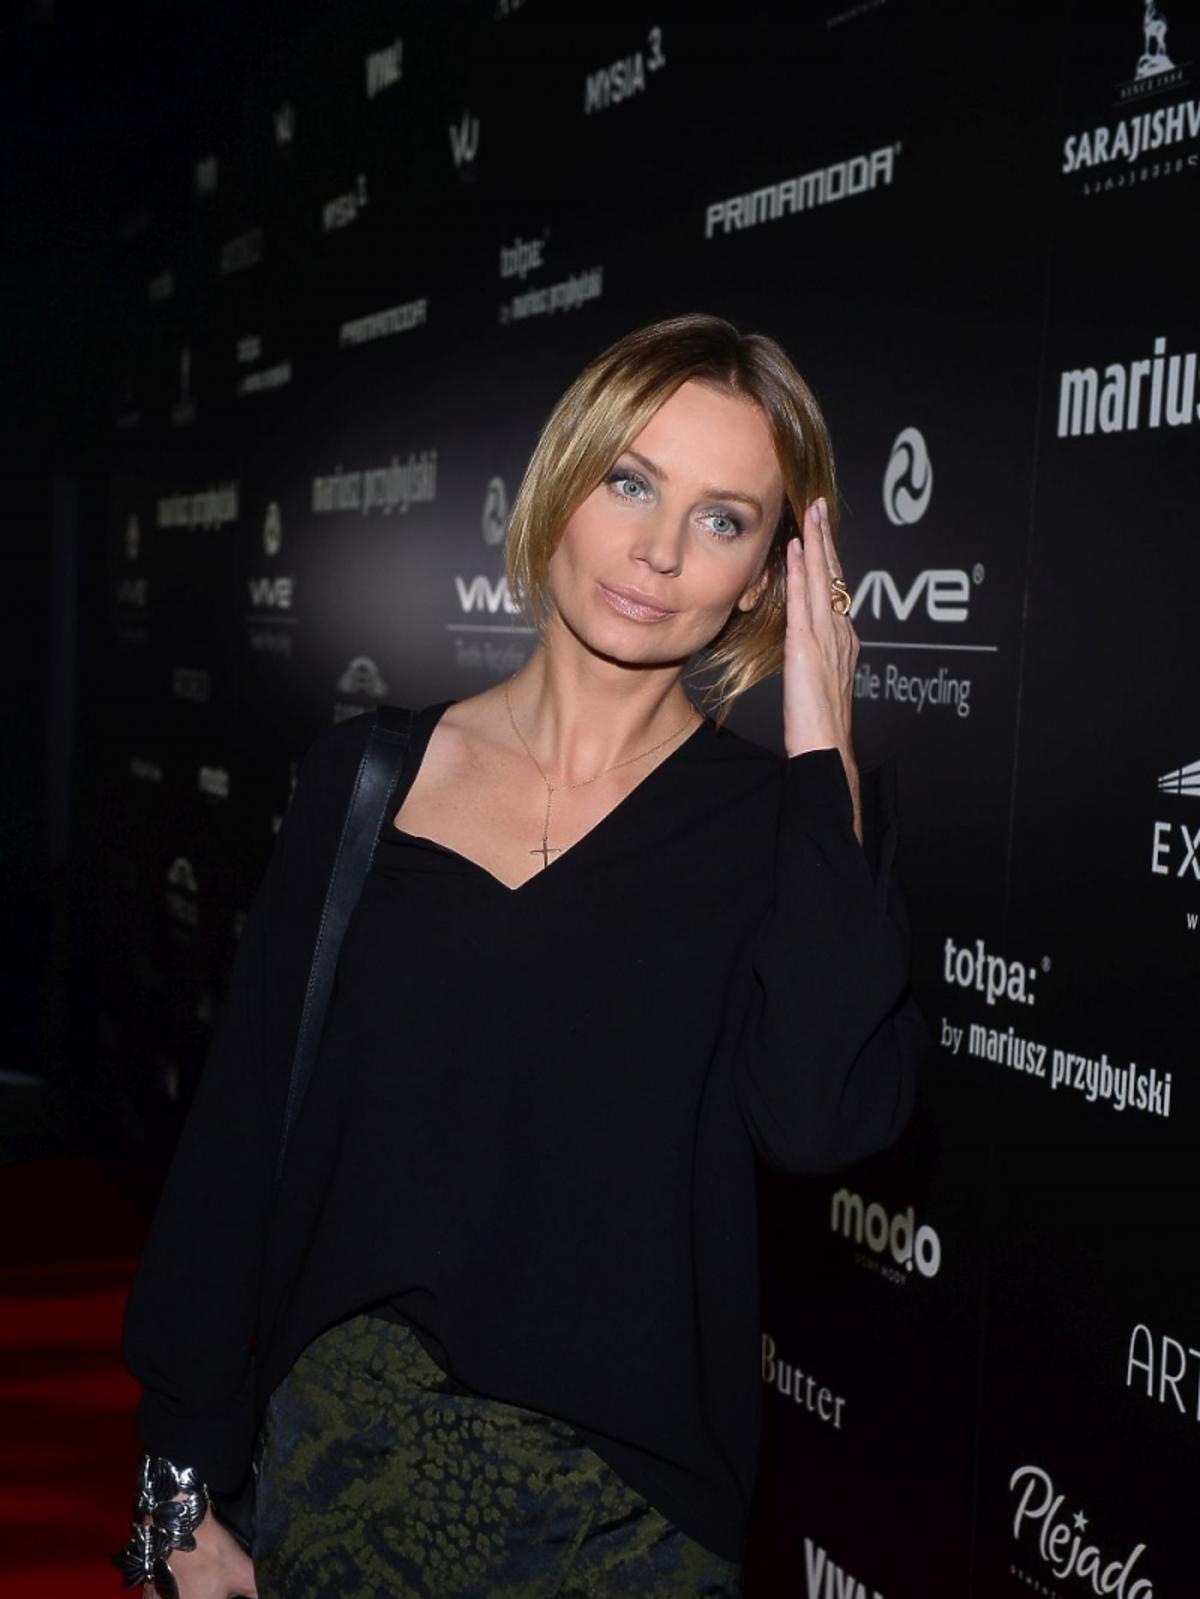 Agnieszka Szulim w czarnej koszuli i zielonej spódnicy